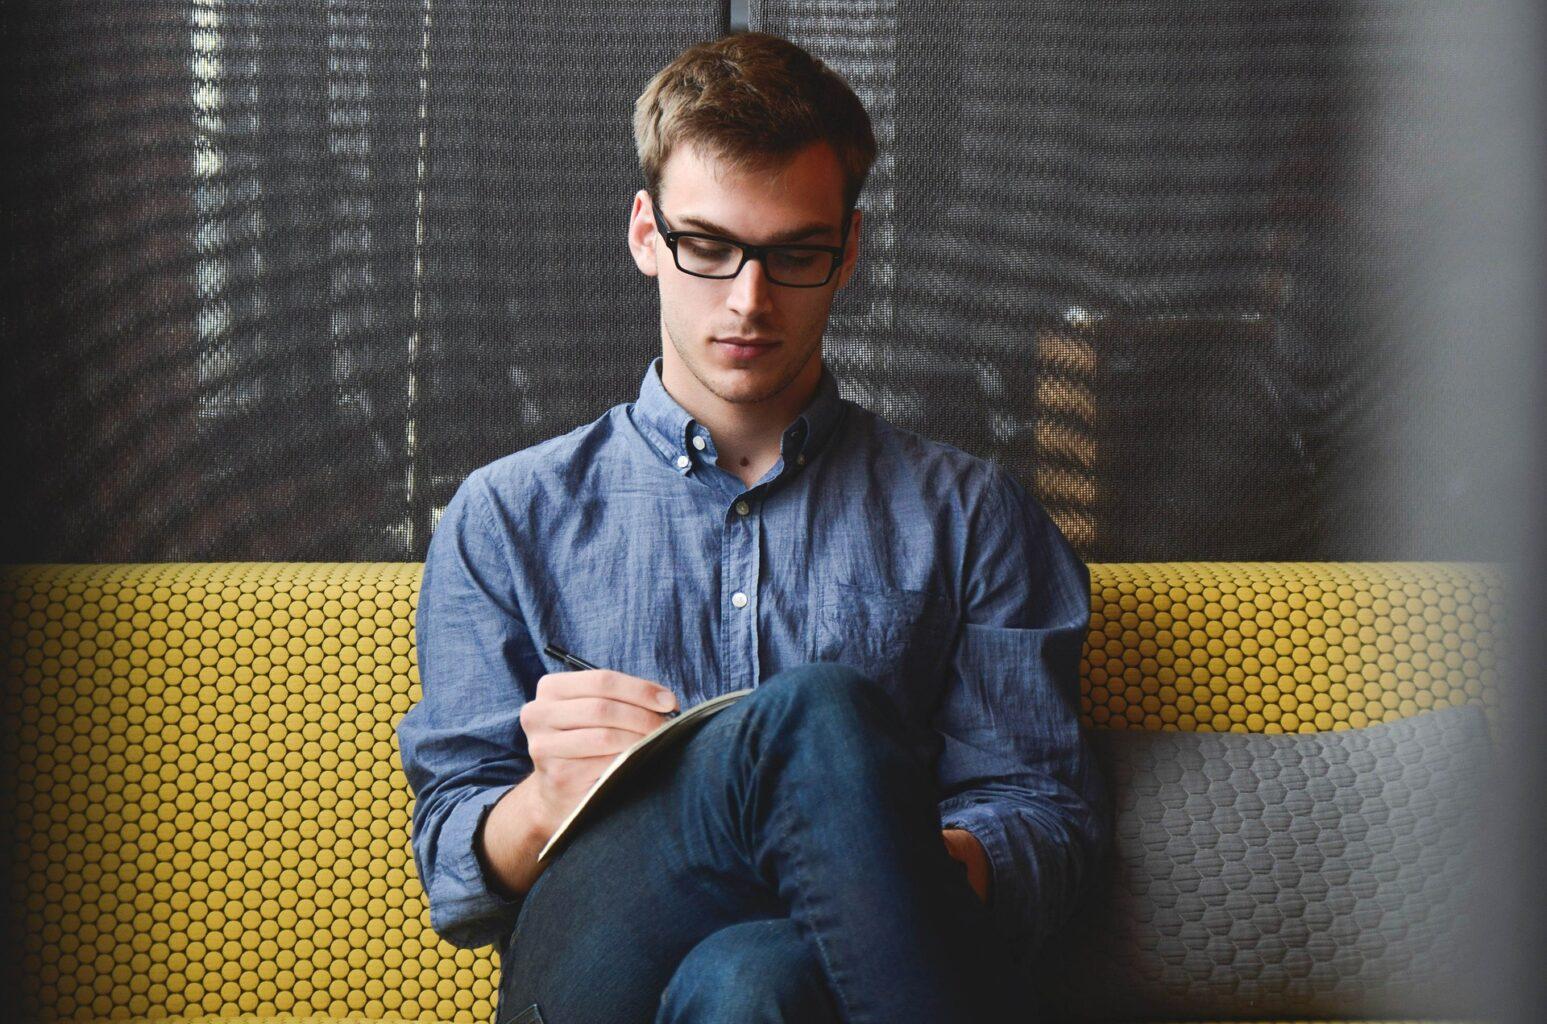 Empresário Individual: Saiba mais sobre esse tipo de empresa